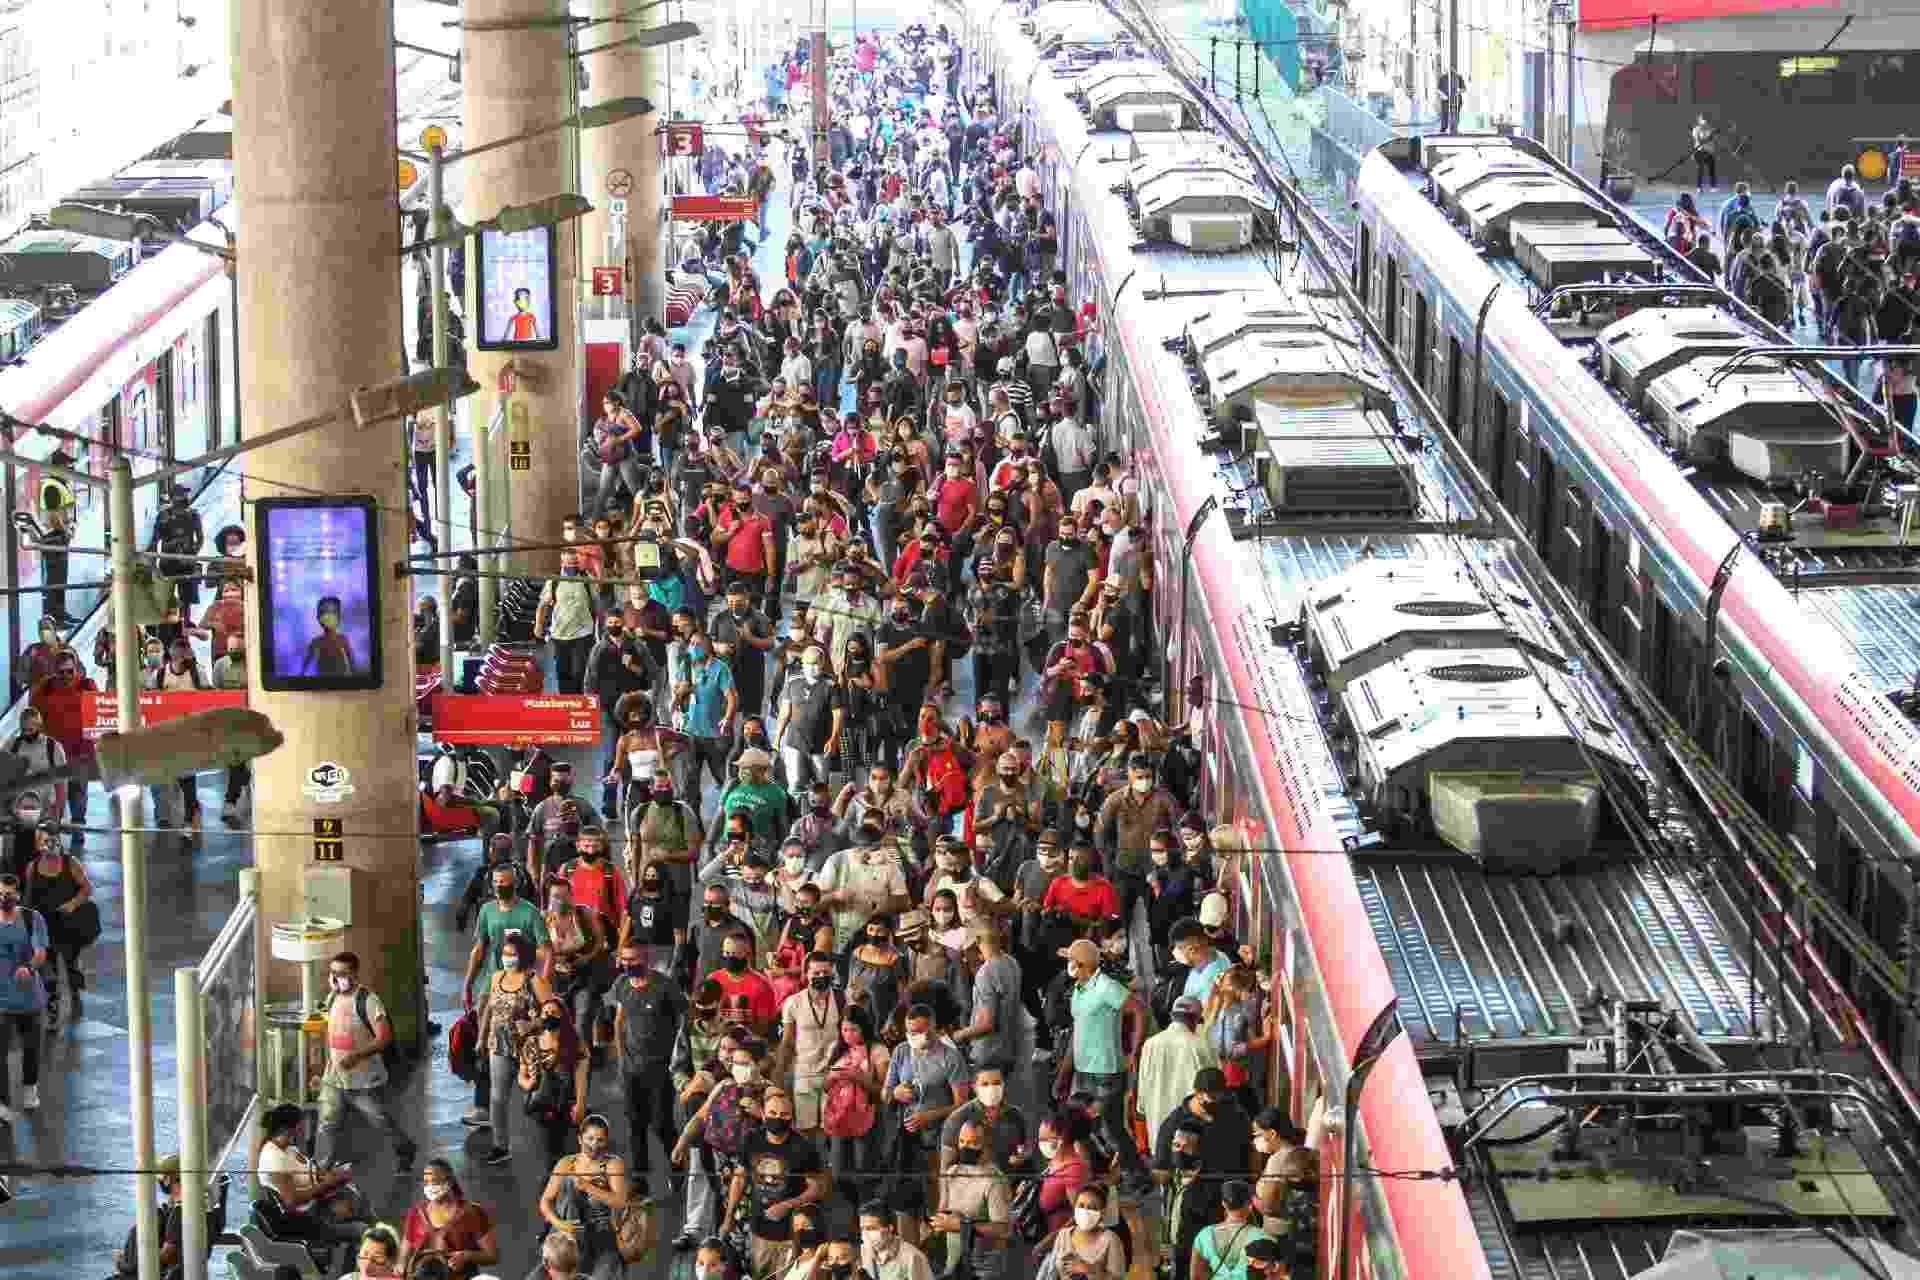 15 mar. 2021 - Movimento de passageiros na Estação Brás da CPTM, no centro de São Paulo - Bruno Escolastico/Photopress/Estadão Conteúdo